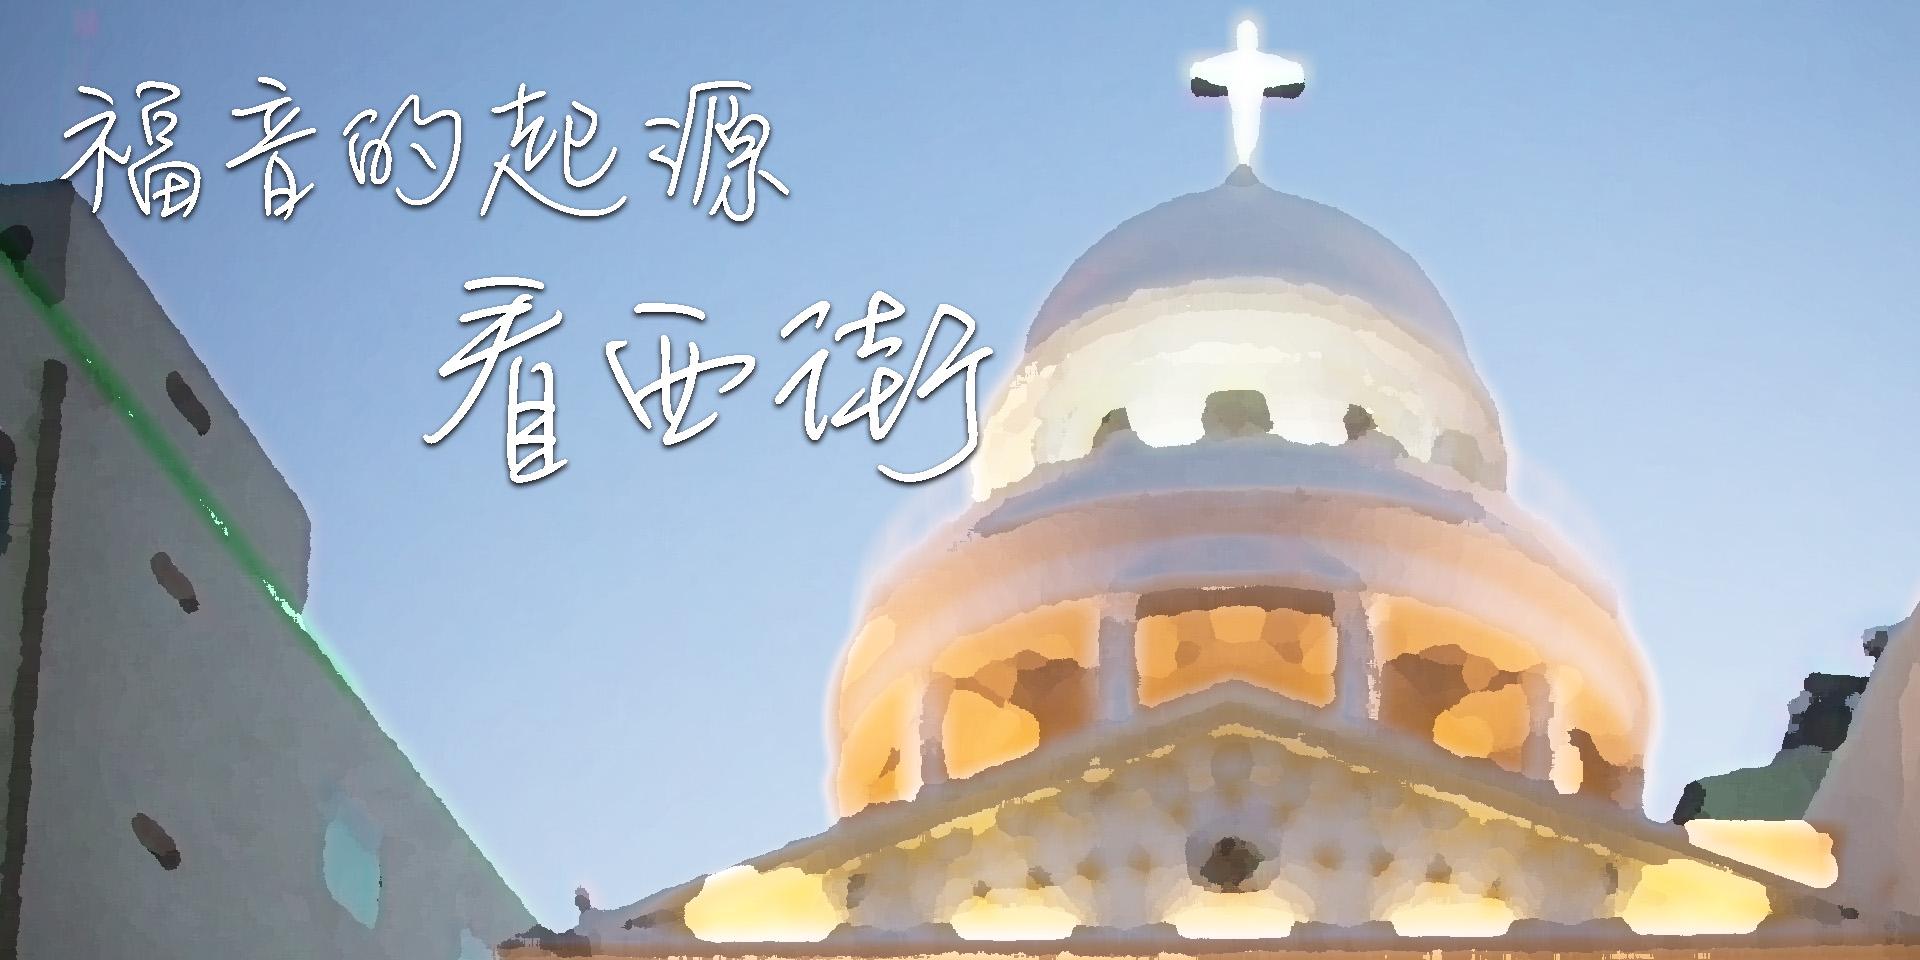 [高雄][台南]台灣攝理的起點——旗津港與看西街基督教會